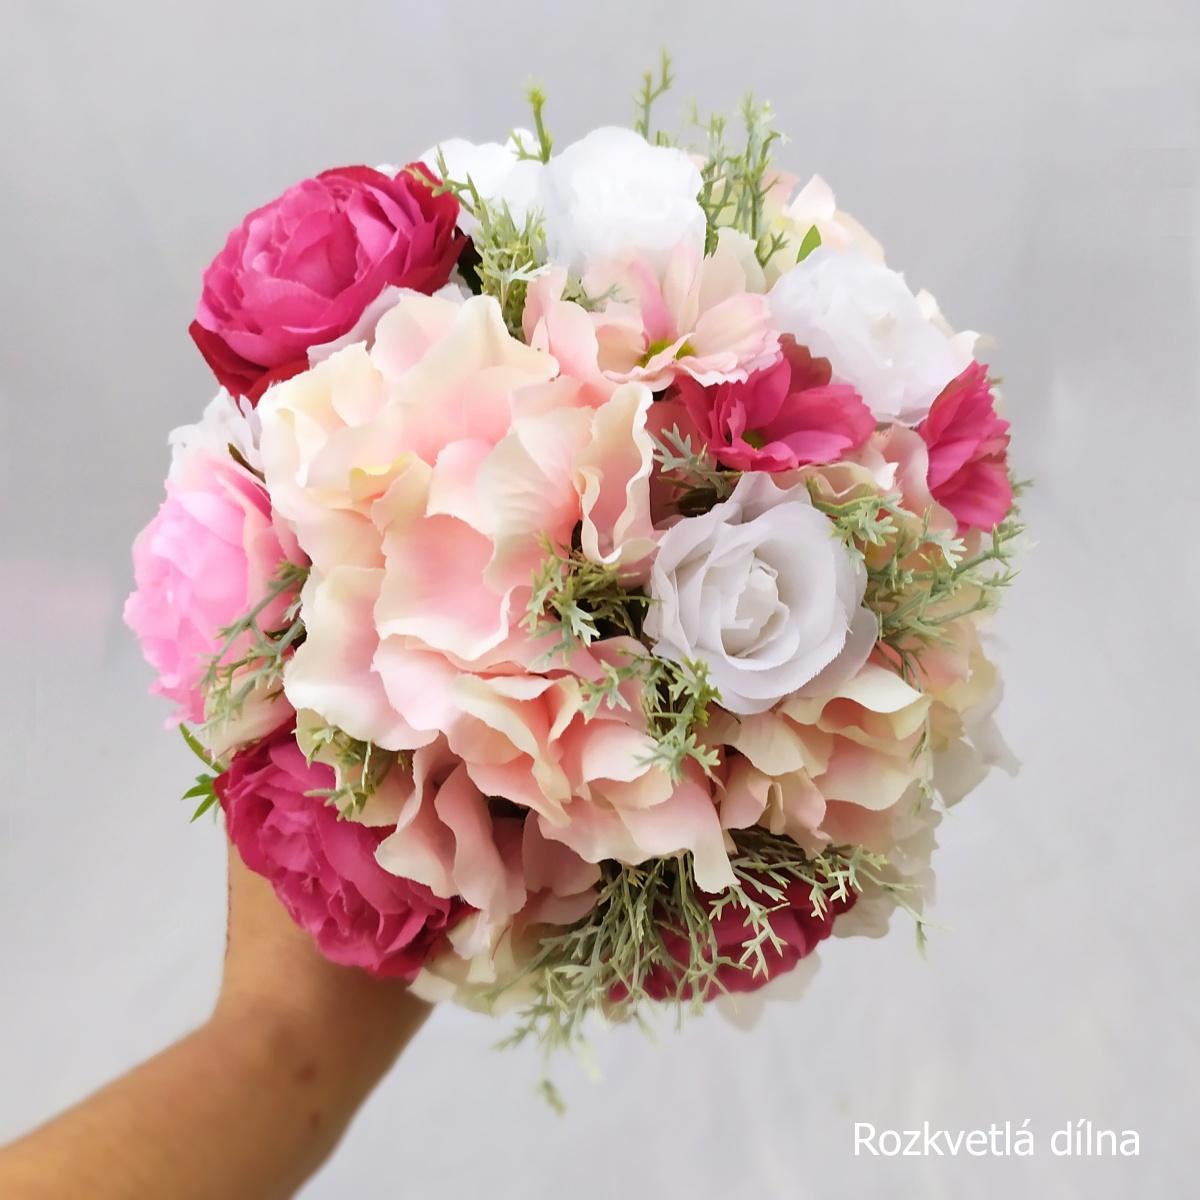 Romantická v růžové, umělá kytice - Obrázek č. 2